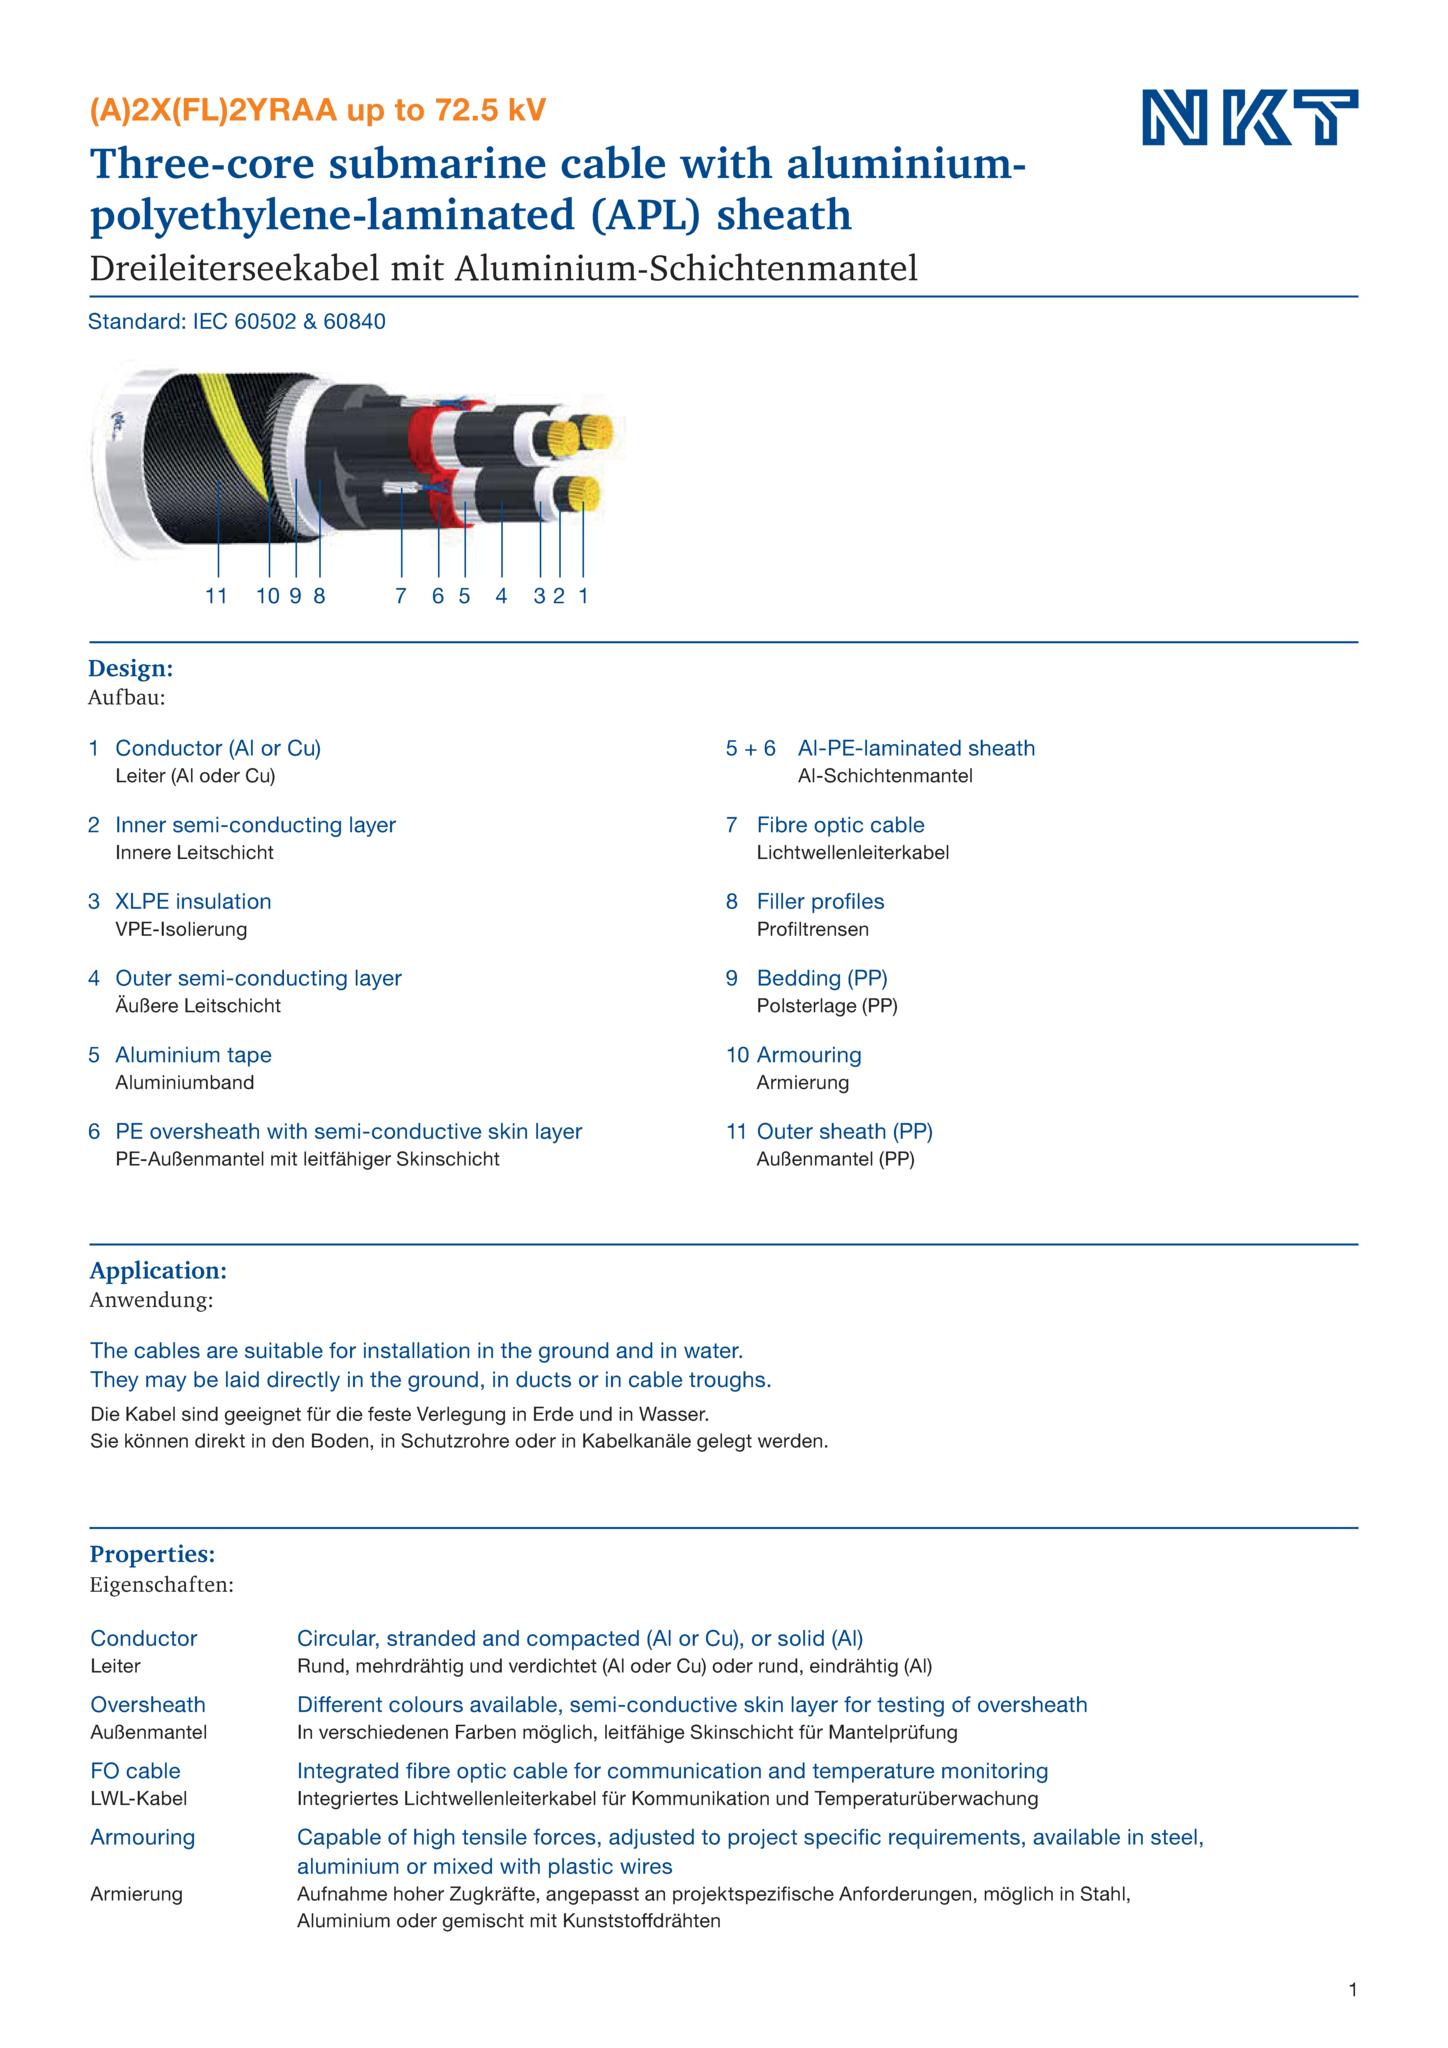 _A_2X_FL_2YRAA_up_to_72.5_kV_DS_DE_EN.pdf